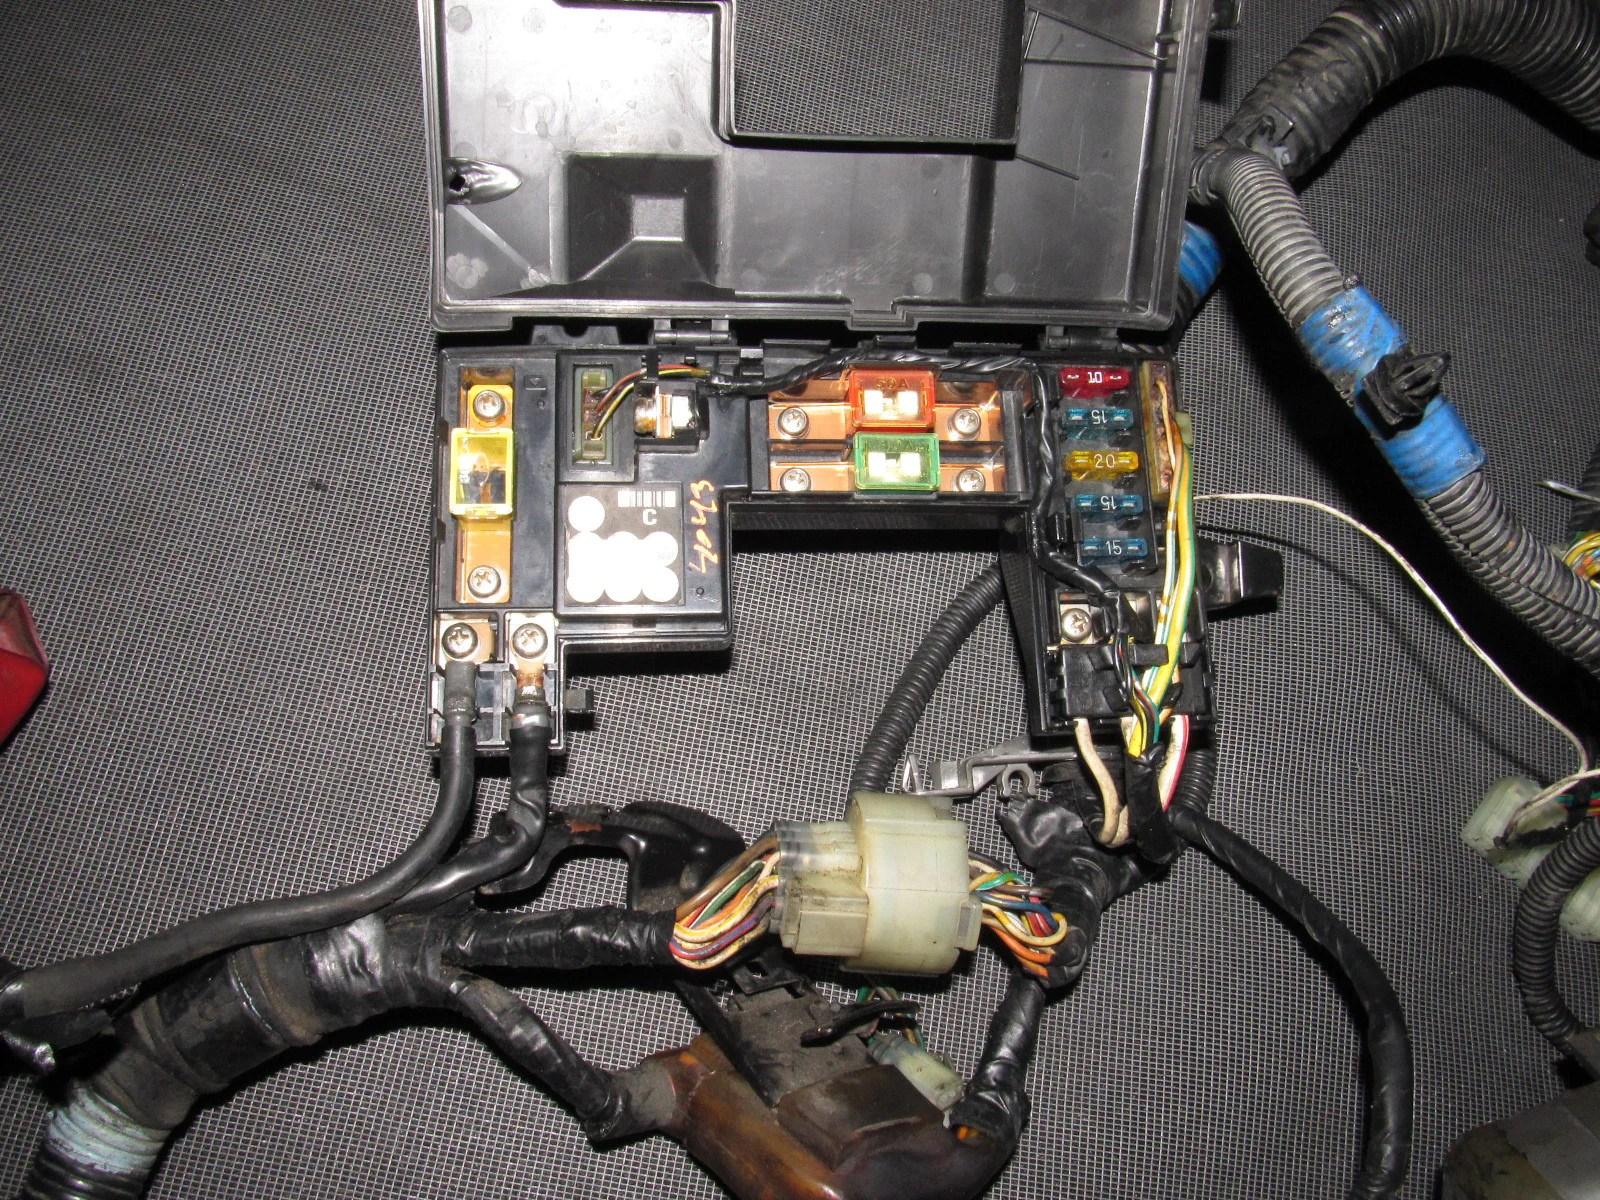 88 89 honda crx oem d15b2 engine wiring harness autopartone com eclipse wiring harness honda crx wiring harness [ 1600 x 1200 Pixel ]